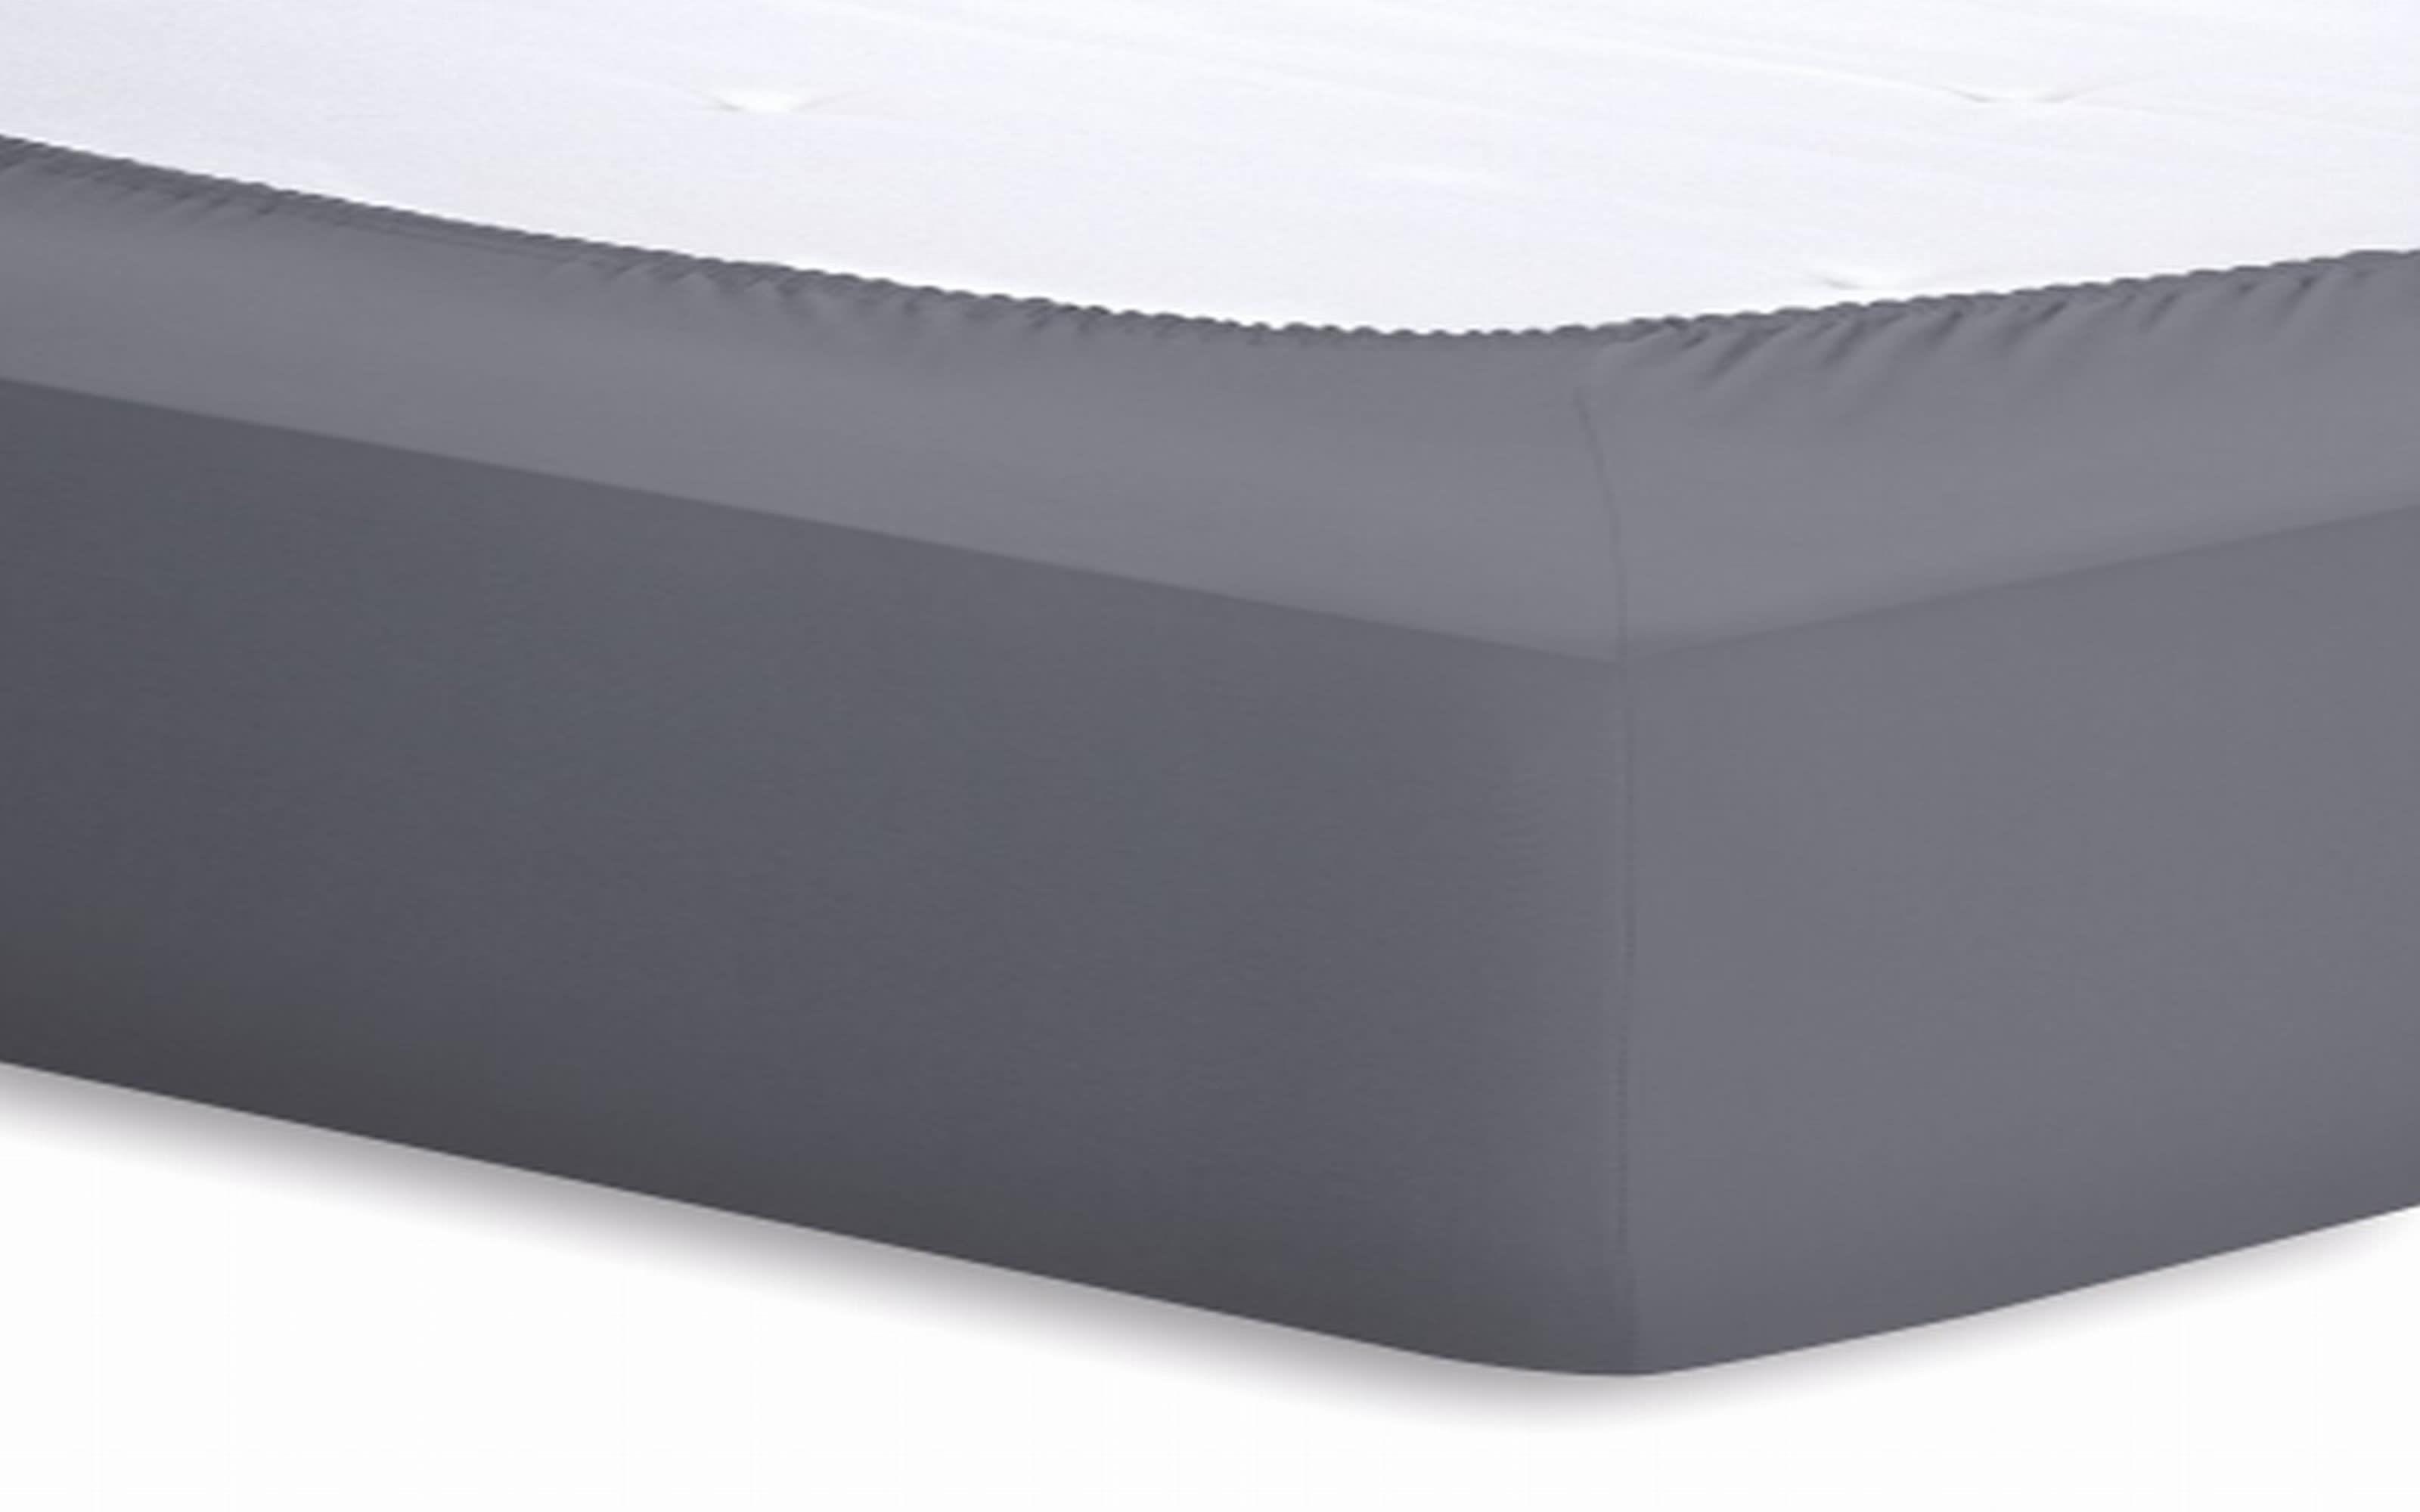 Spannbetttuch Basic in graphit, 140 x 200 x 25 cm